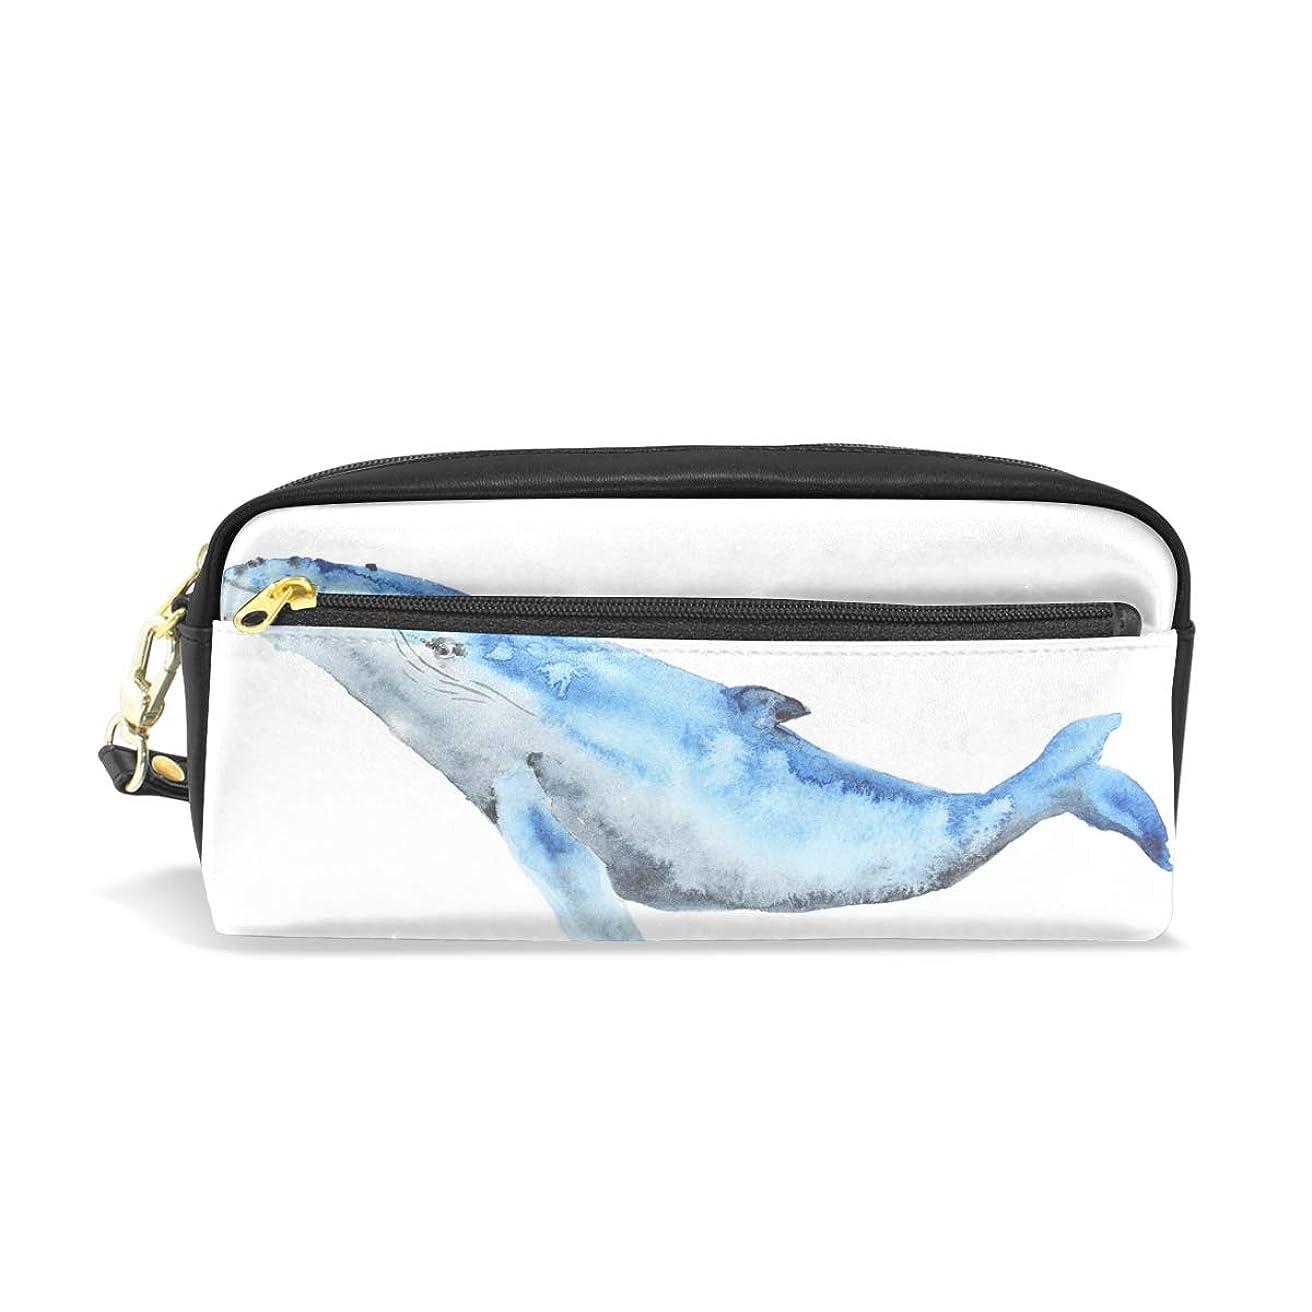 レイプ限界アプライアンスAOMOKI ペンケース 小物入り 多機能バッグ ペンポーチ 化粧ポーチ 男女兼用 ギフト プレゼント おしゃれ かわいい クジラ 魚 海